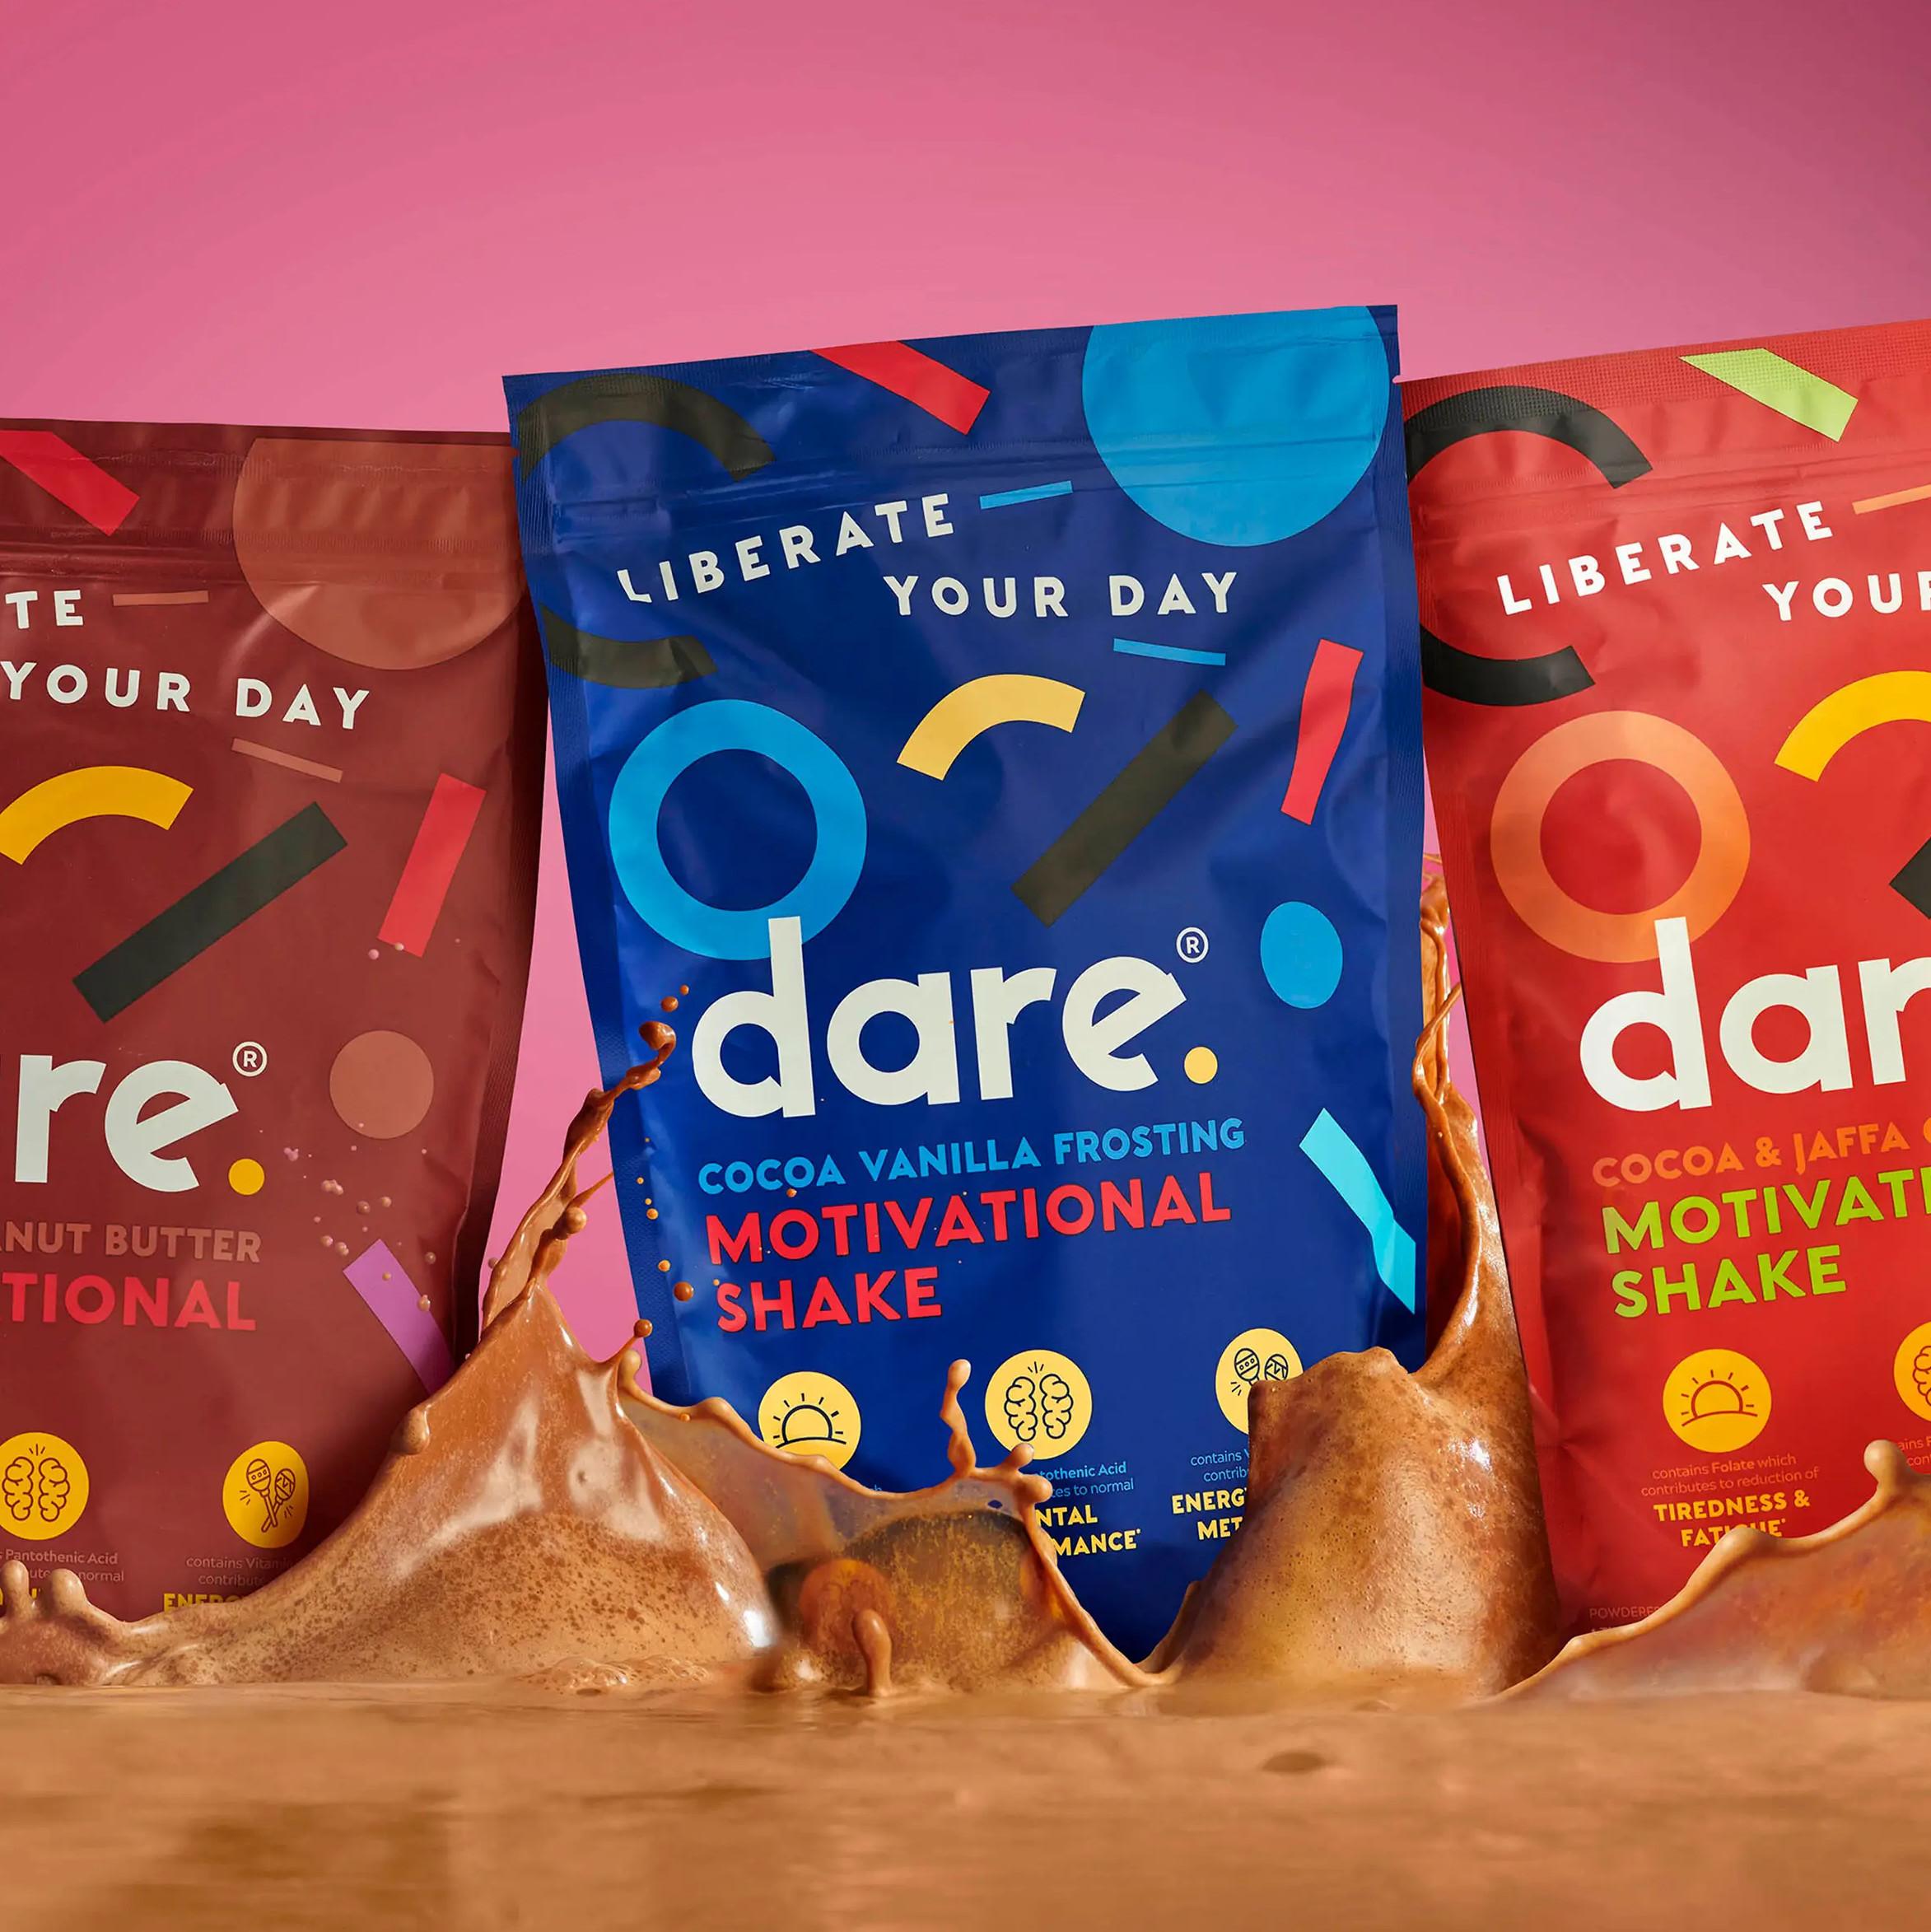 Dare Motivational Shake product image